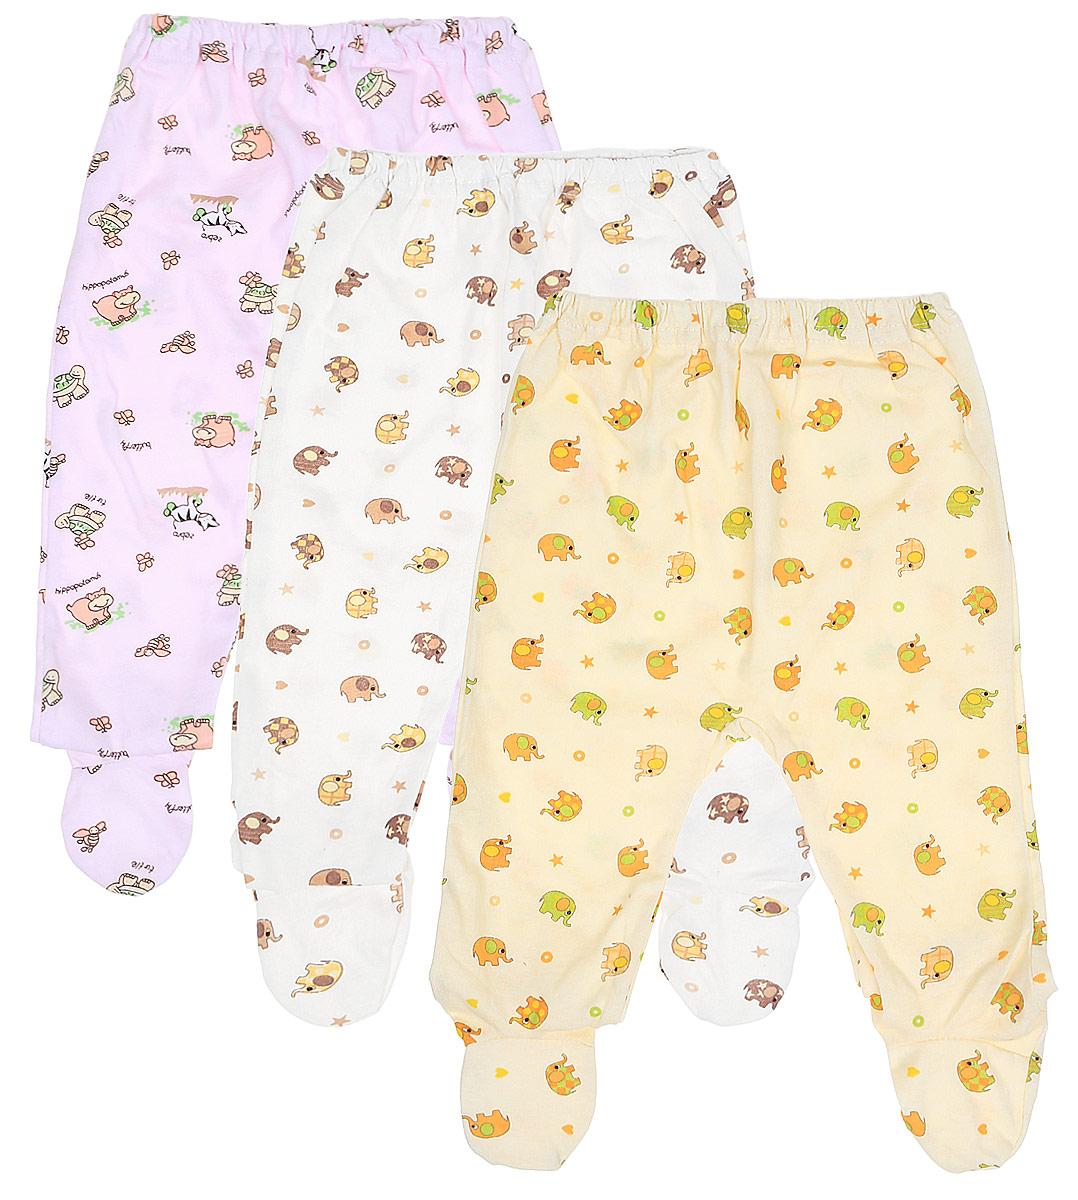 Ползунки для девочки Фреш стайл, цвет: розовый, желтый, белый, 3 шт. 10-506д. Размер 6810-506дКомплект Фреш Стайл состоит из трех ползунков с закрытыми ножками для девочки.Ползунки послужат идеальным дополнением к гардеробу малышки, обеспечивая ей наибольший комфорт. Изготовленные из натурального хлопка, они необычайно мягкие и легкие, не раздражают нежную кожу ребенка и хорошо вентилируются, а эластичные швы приятны телу малыша и не препятствуют его движениям. Ползунки дополнены мягкой резинкой, не сдавливающей животик ребенка. Украшены ползунки яркими оригинальными рисунками. Оригинальный дизайн и яркая расцветка делают эти ползунки модным и стильным предметом детского гардероба. В них вашей малышке всегда будет комфортно и уютно. УВАЖАЕМЫЕ КЛИЕНТЫ!Обращаем ваше внимание на тот факт, что товар поставляется в цветовом ассортименте. Поставка осуществляется в зависимости от наличия на складе.